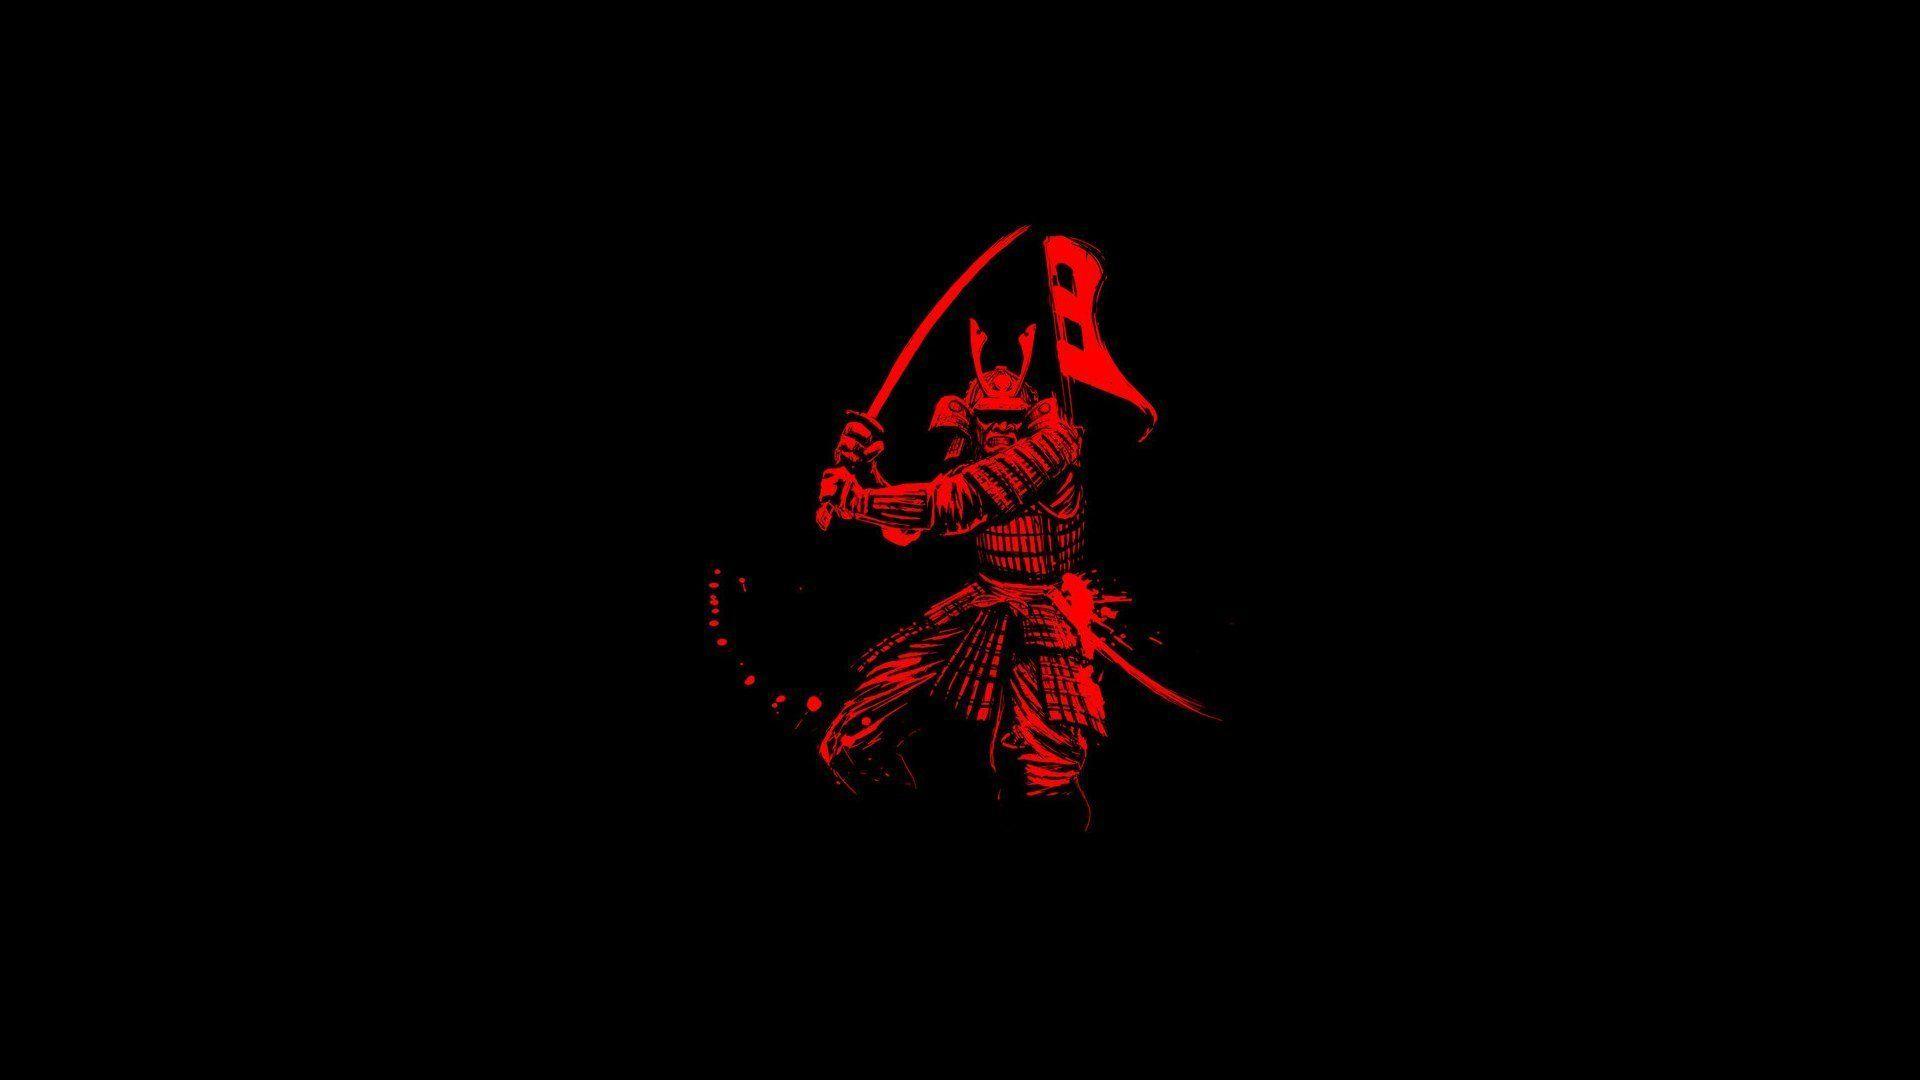 1920x1080 Samurai Warrior Katana Background Hd Wallpaper Samurai Wallpaper Warriors Wallpaper Samurai Warrior